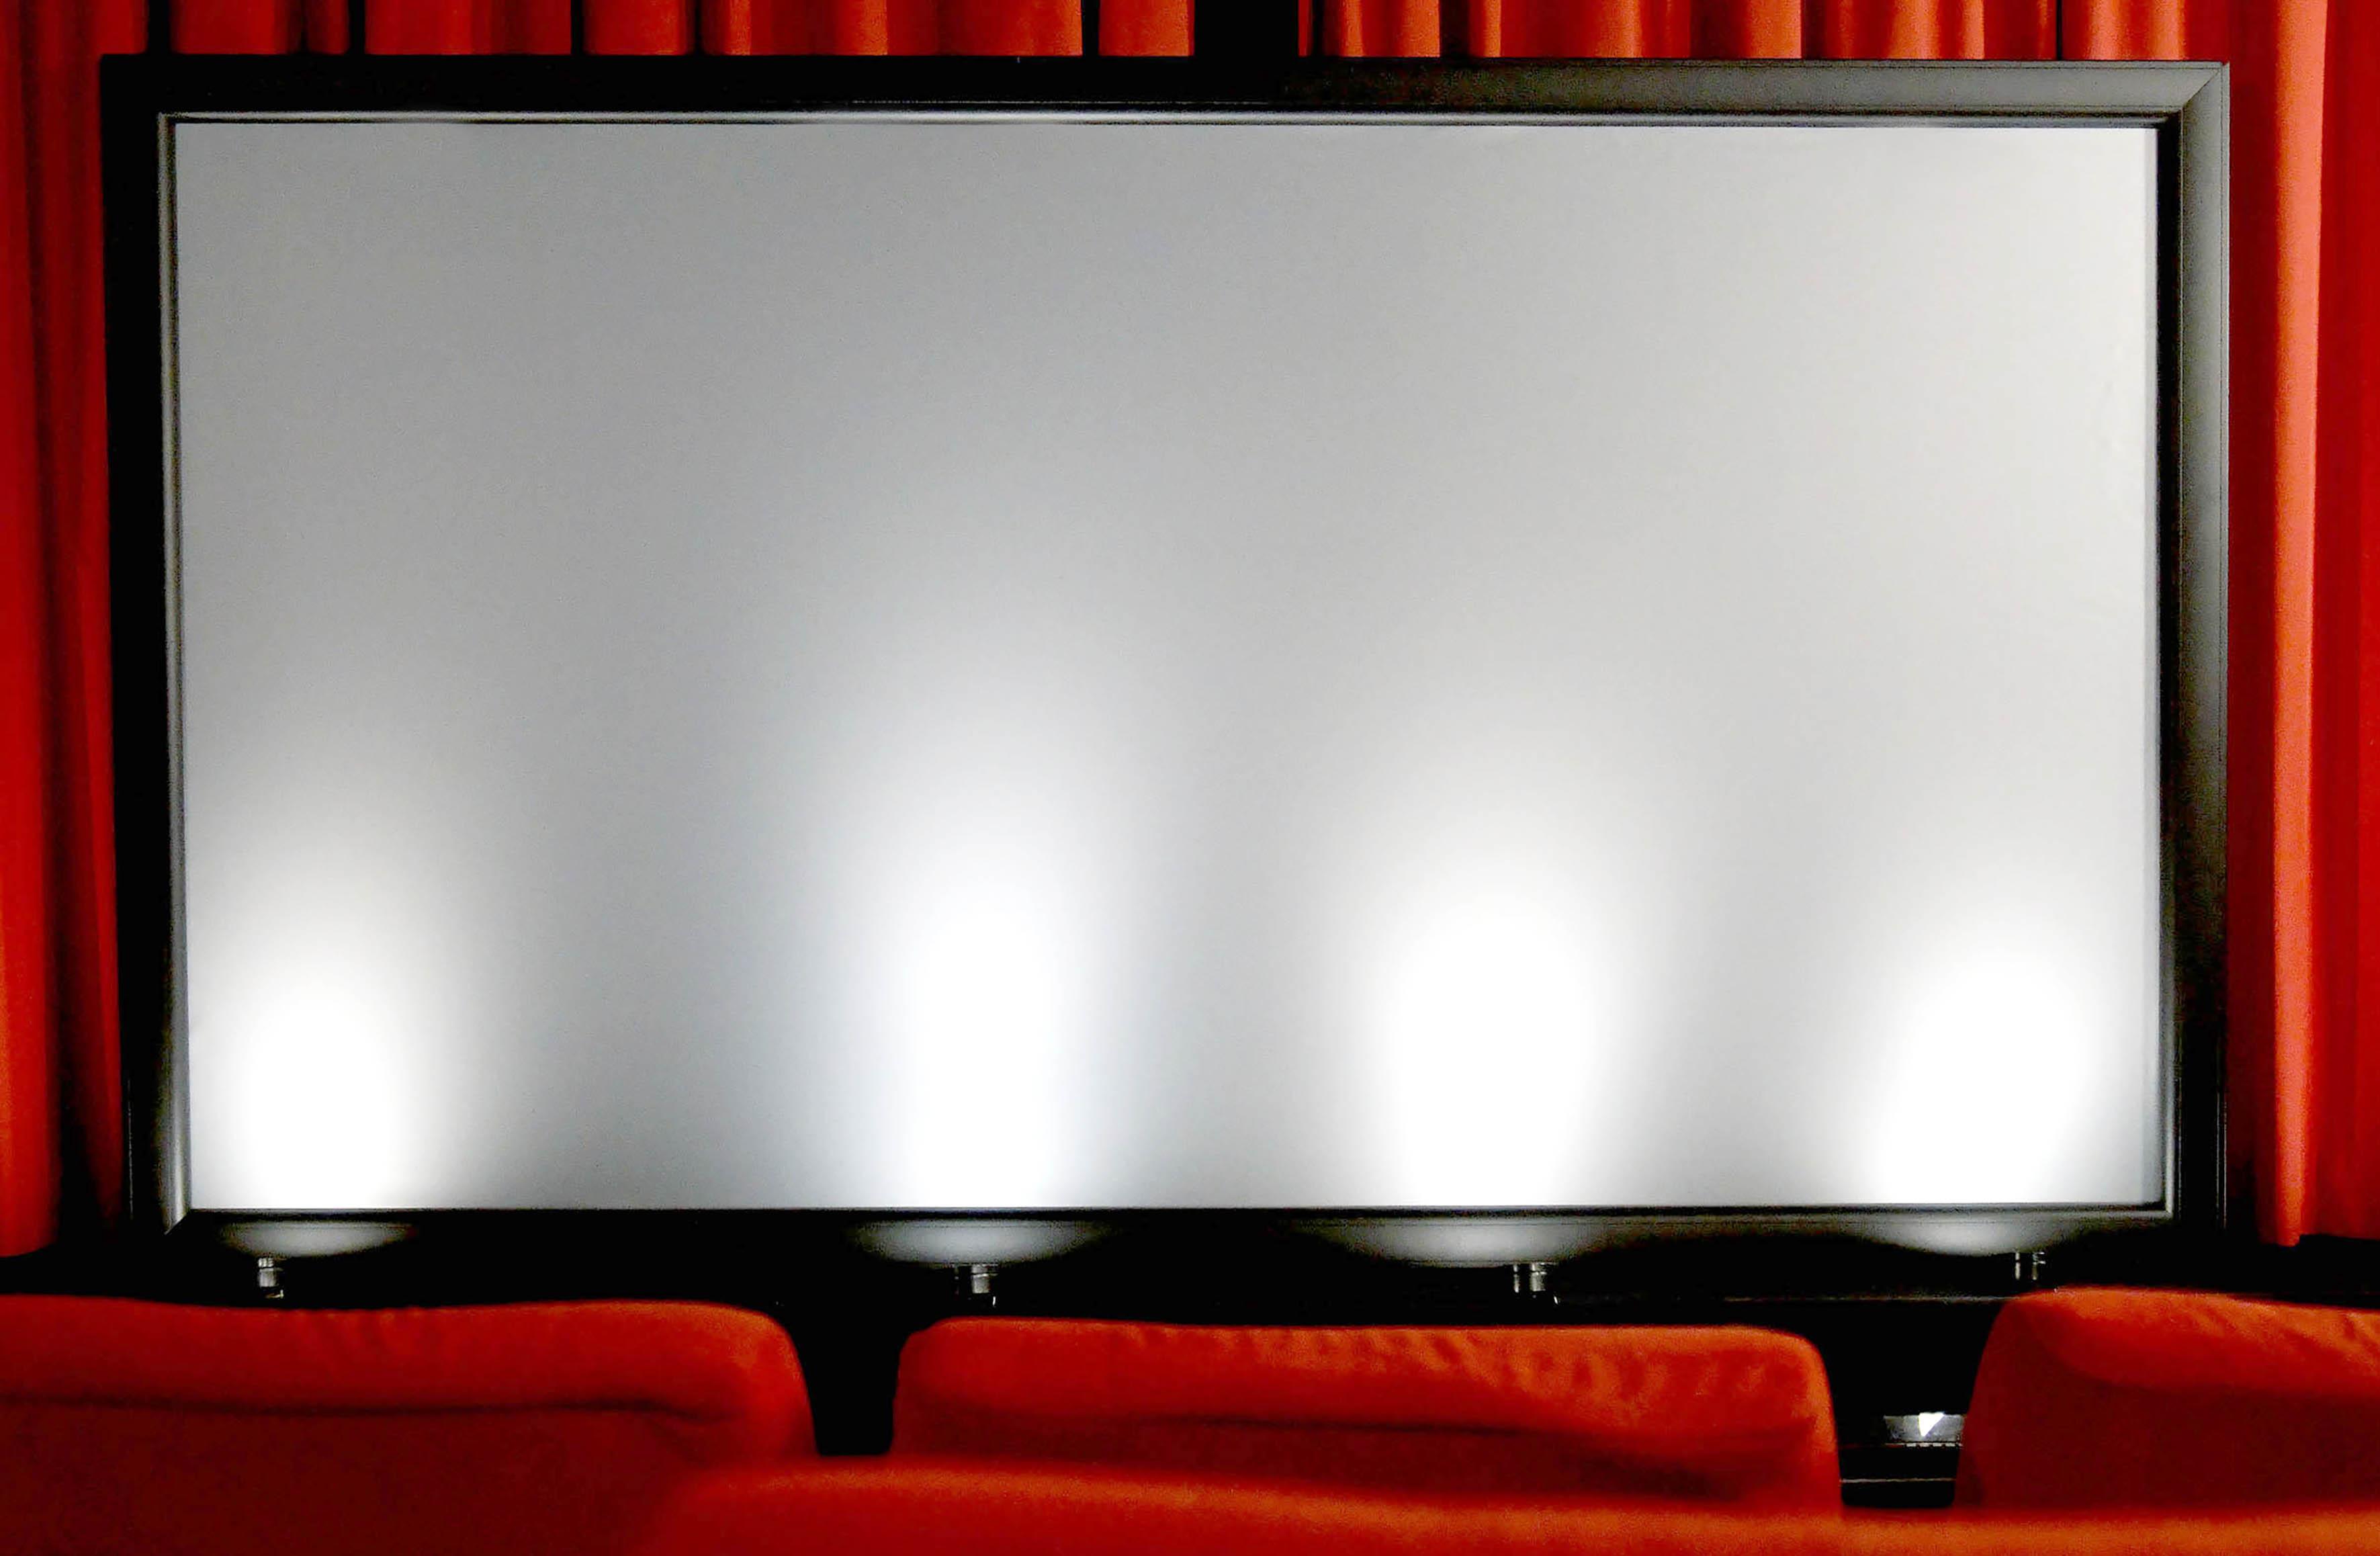 Die WS S Cinema Frame Ambient HC in meinem Heimkino. Gut zu erkennen ist die leichte graue Grundtönung. Foto: Michael B. Rehders